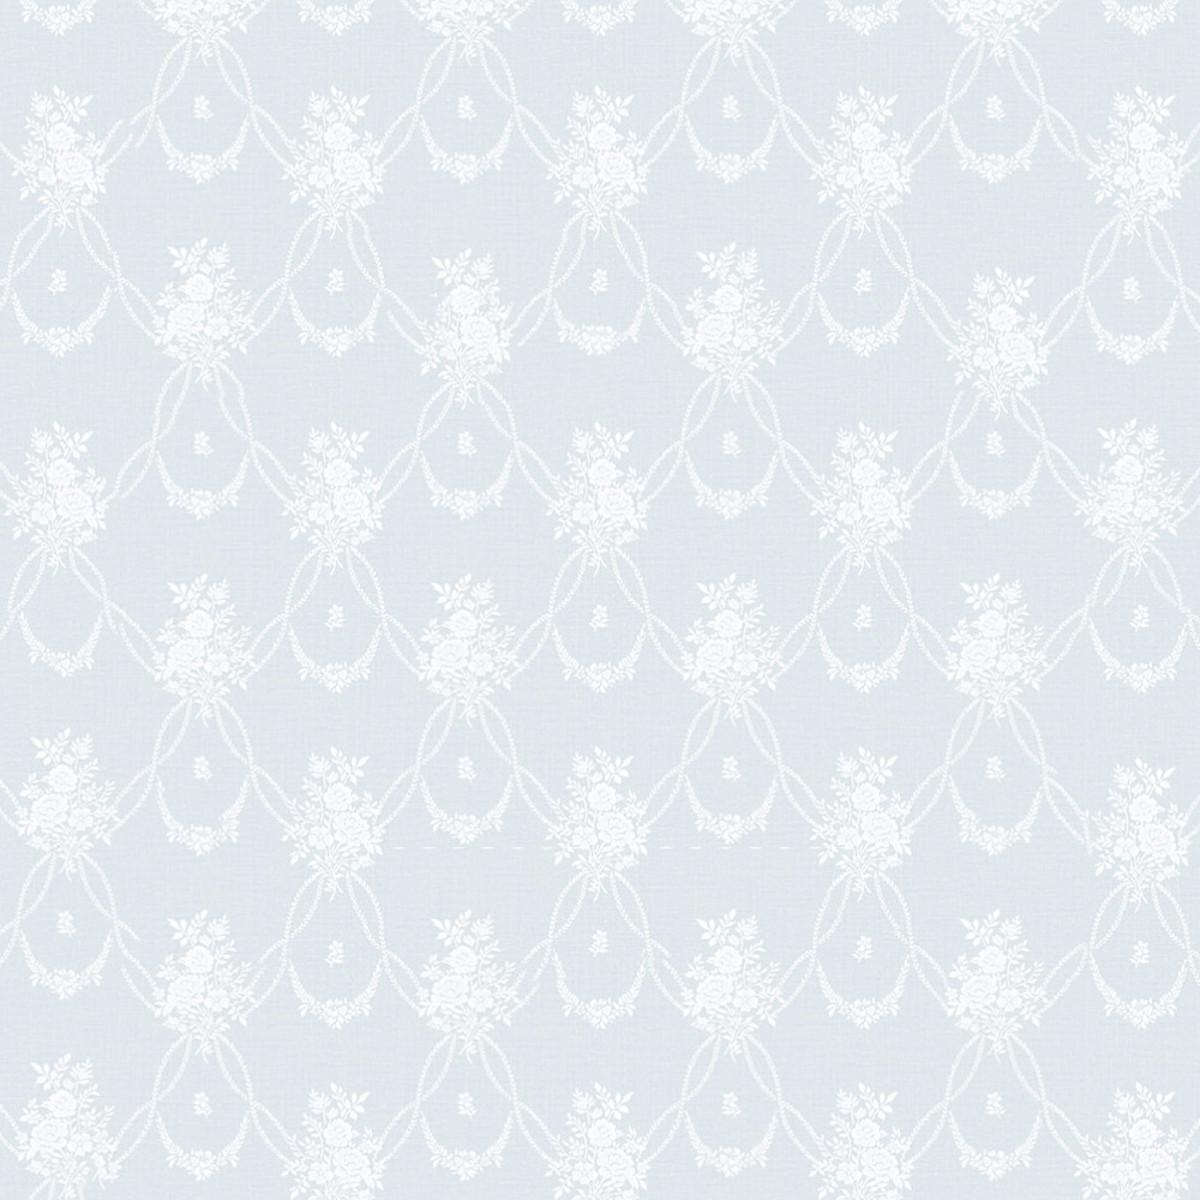 Обои виниловые Gaenari голубые 1.06 м 87400-2